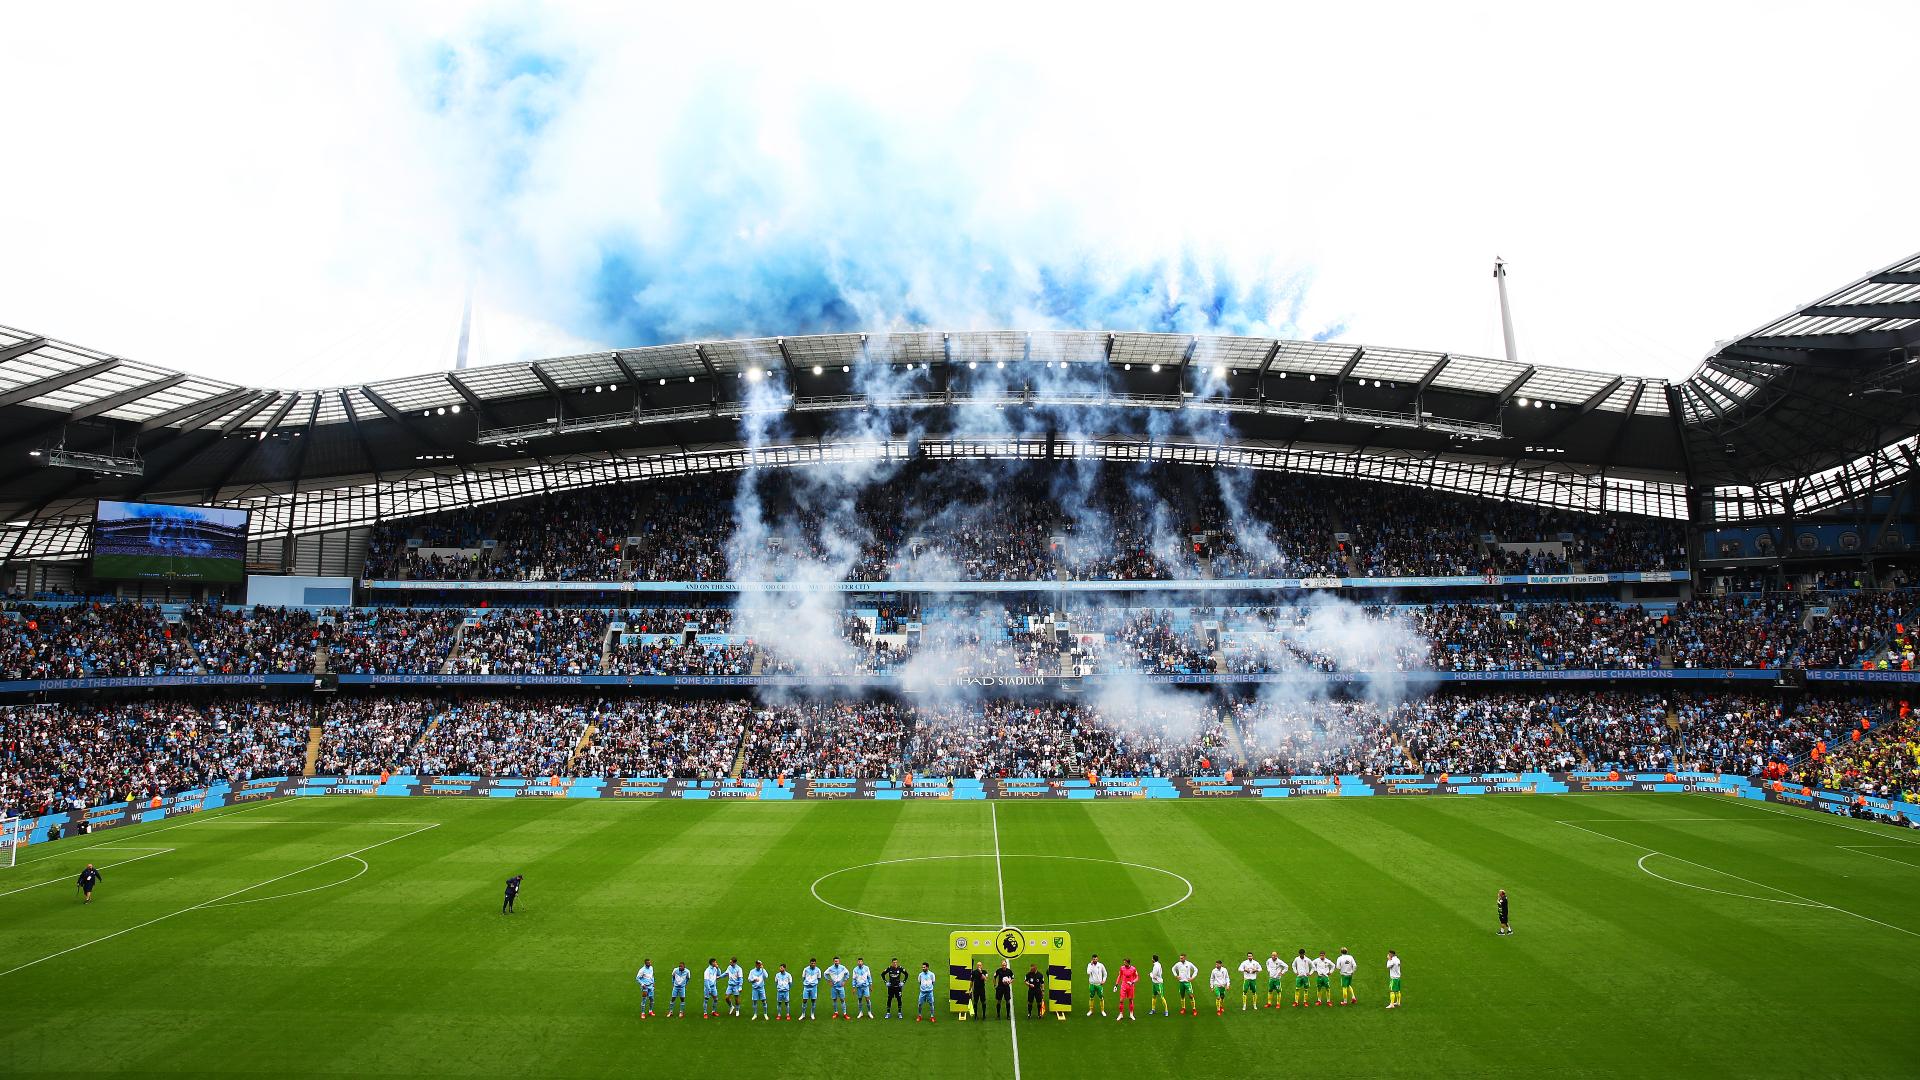 CASA. : Los vigentes campeones de la Premier League regresaron a casa.